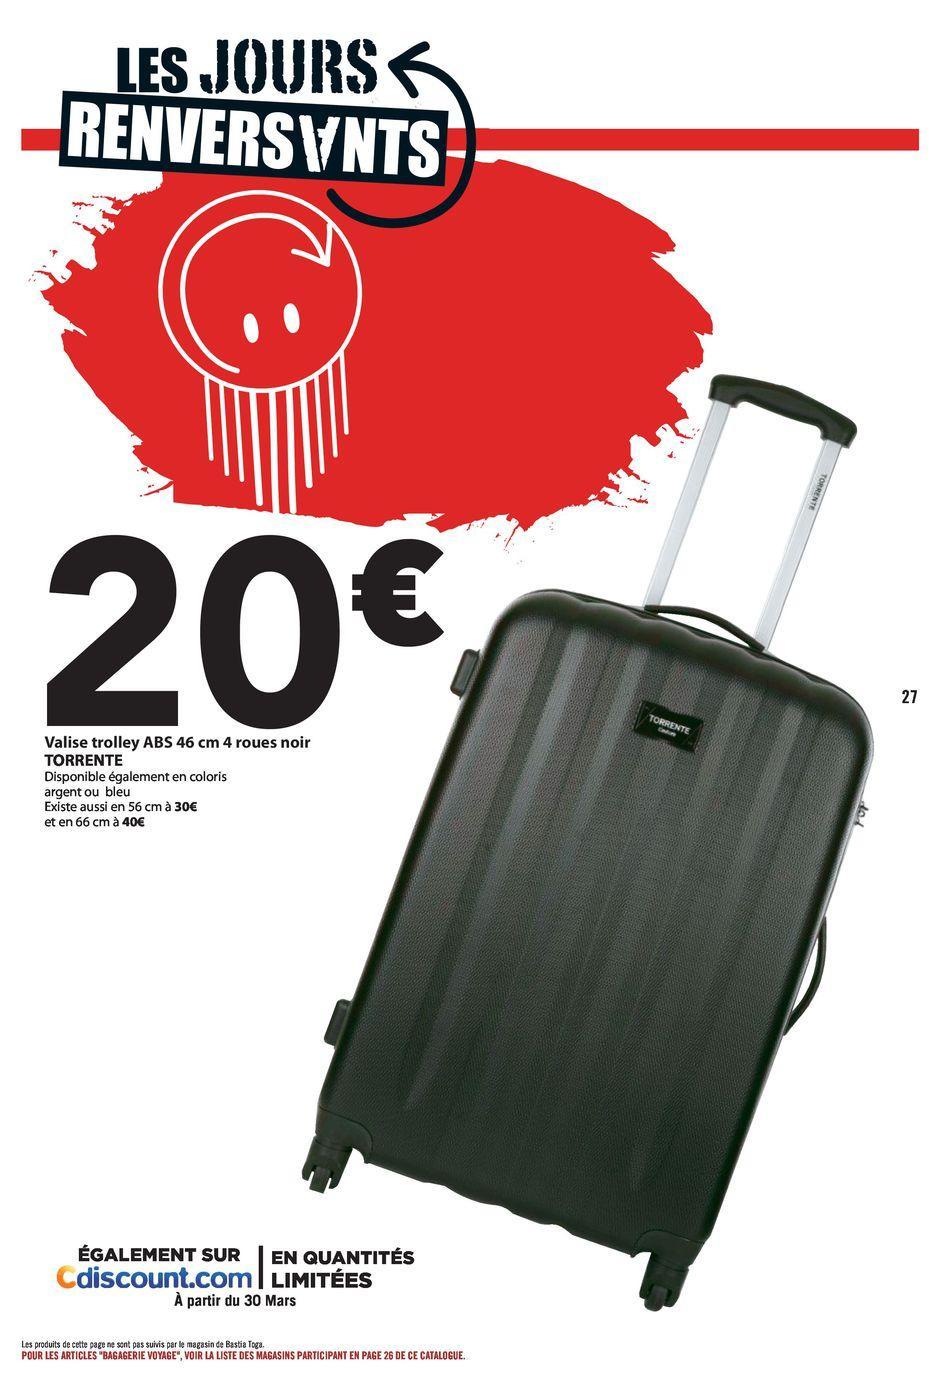 Valise trolley ABS Torrente - 46 cm, 4 roues, noir